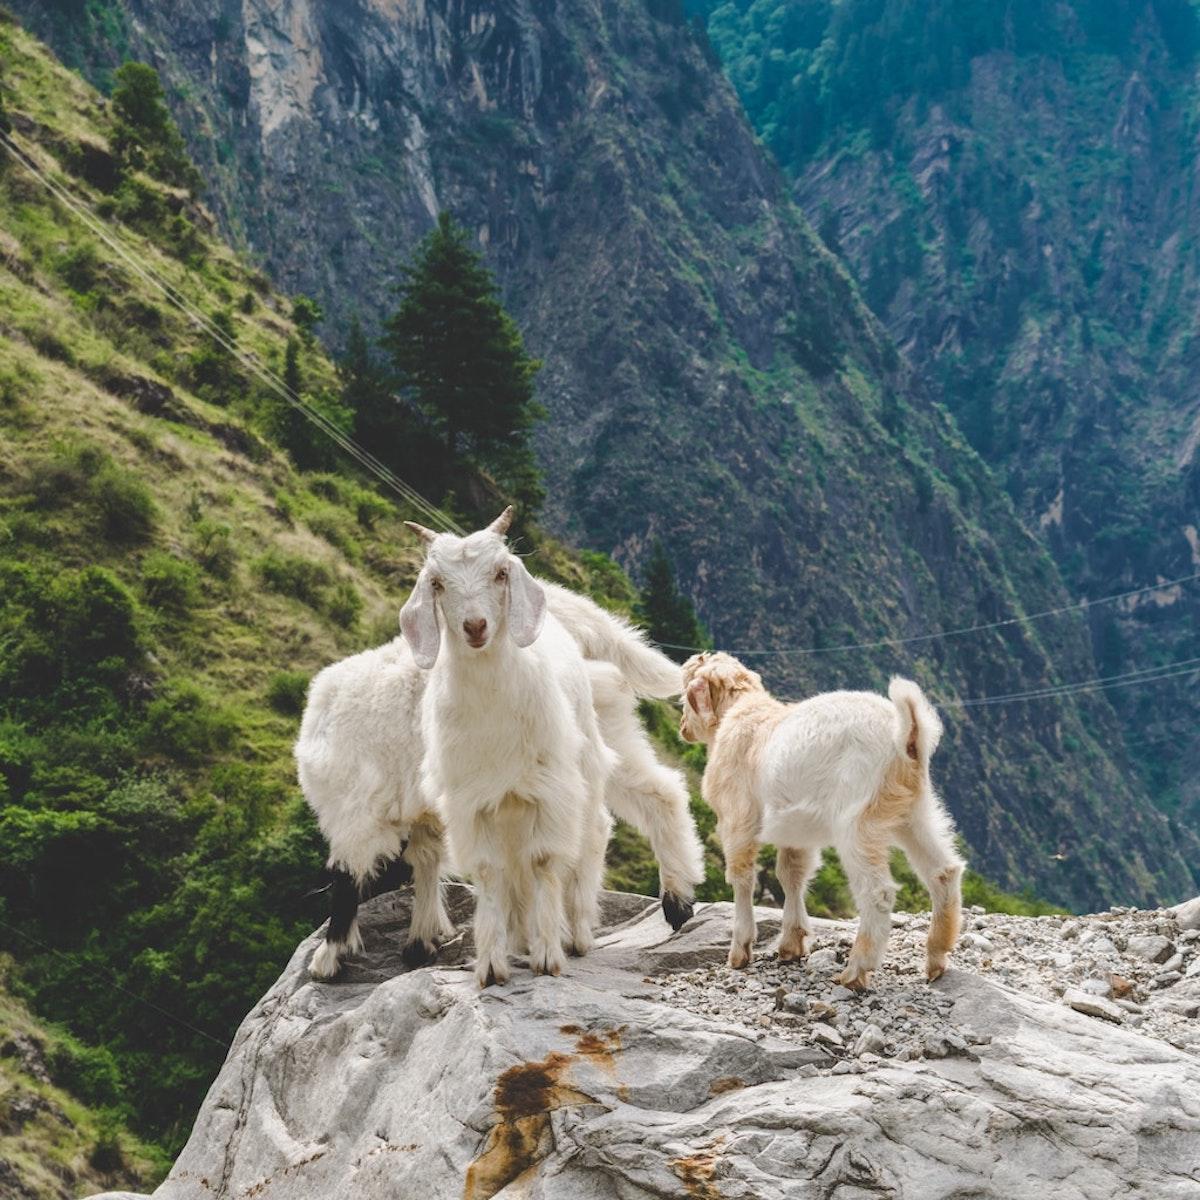 Chèvre mignonne sur un rocher